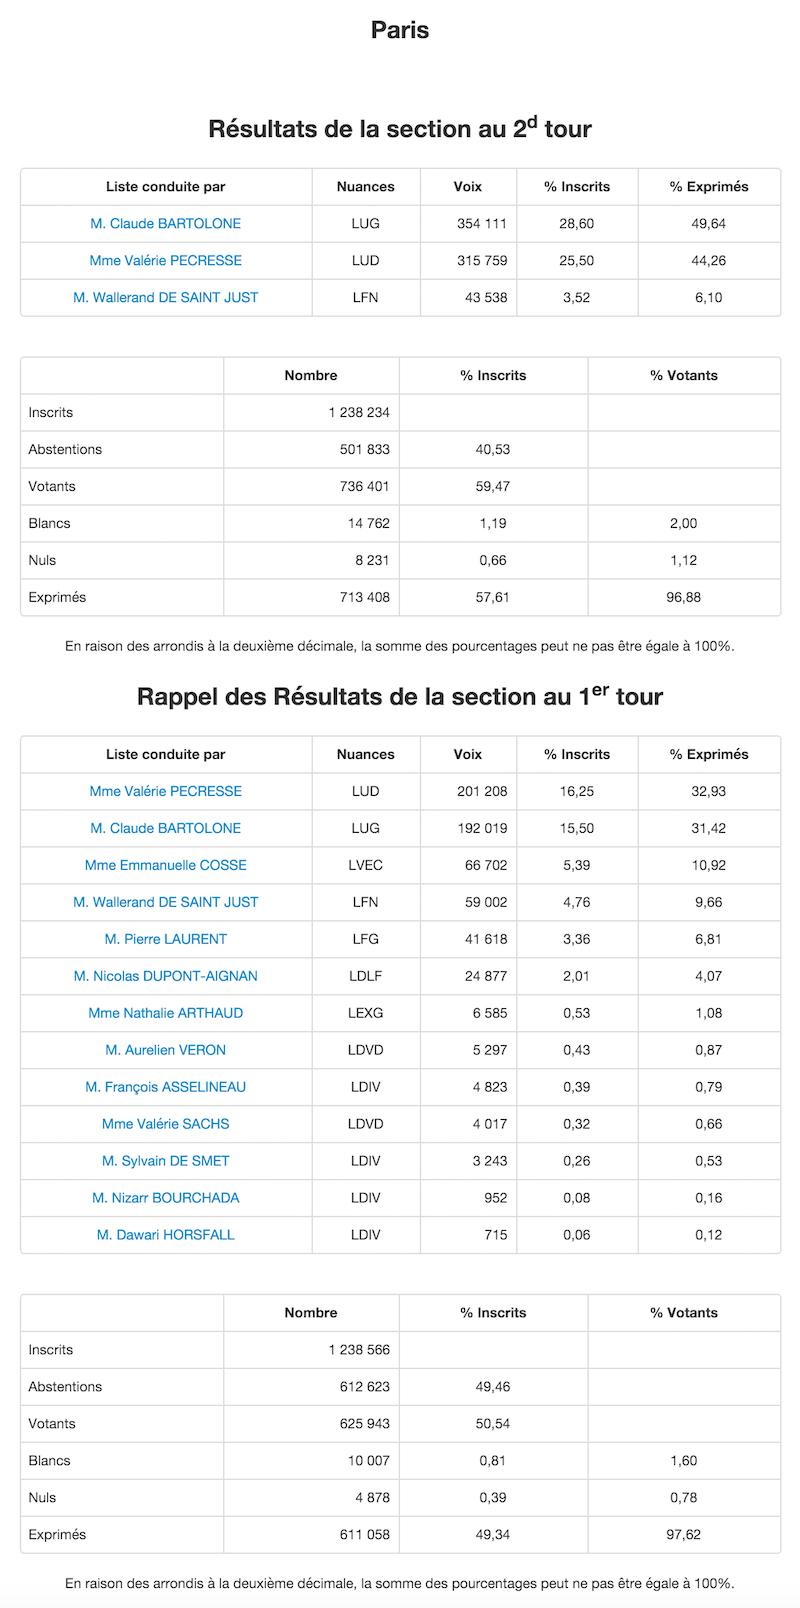 Régionales 2015 et 2010 dans le 16e arrondissement de Paris